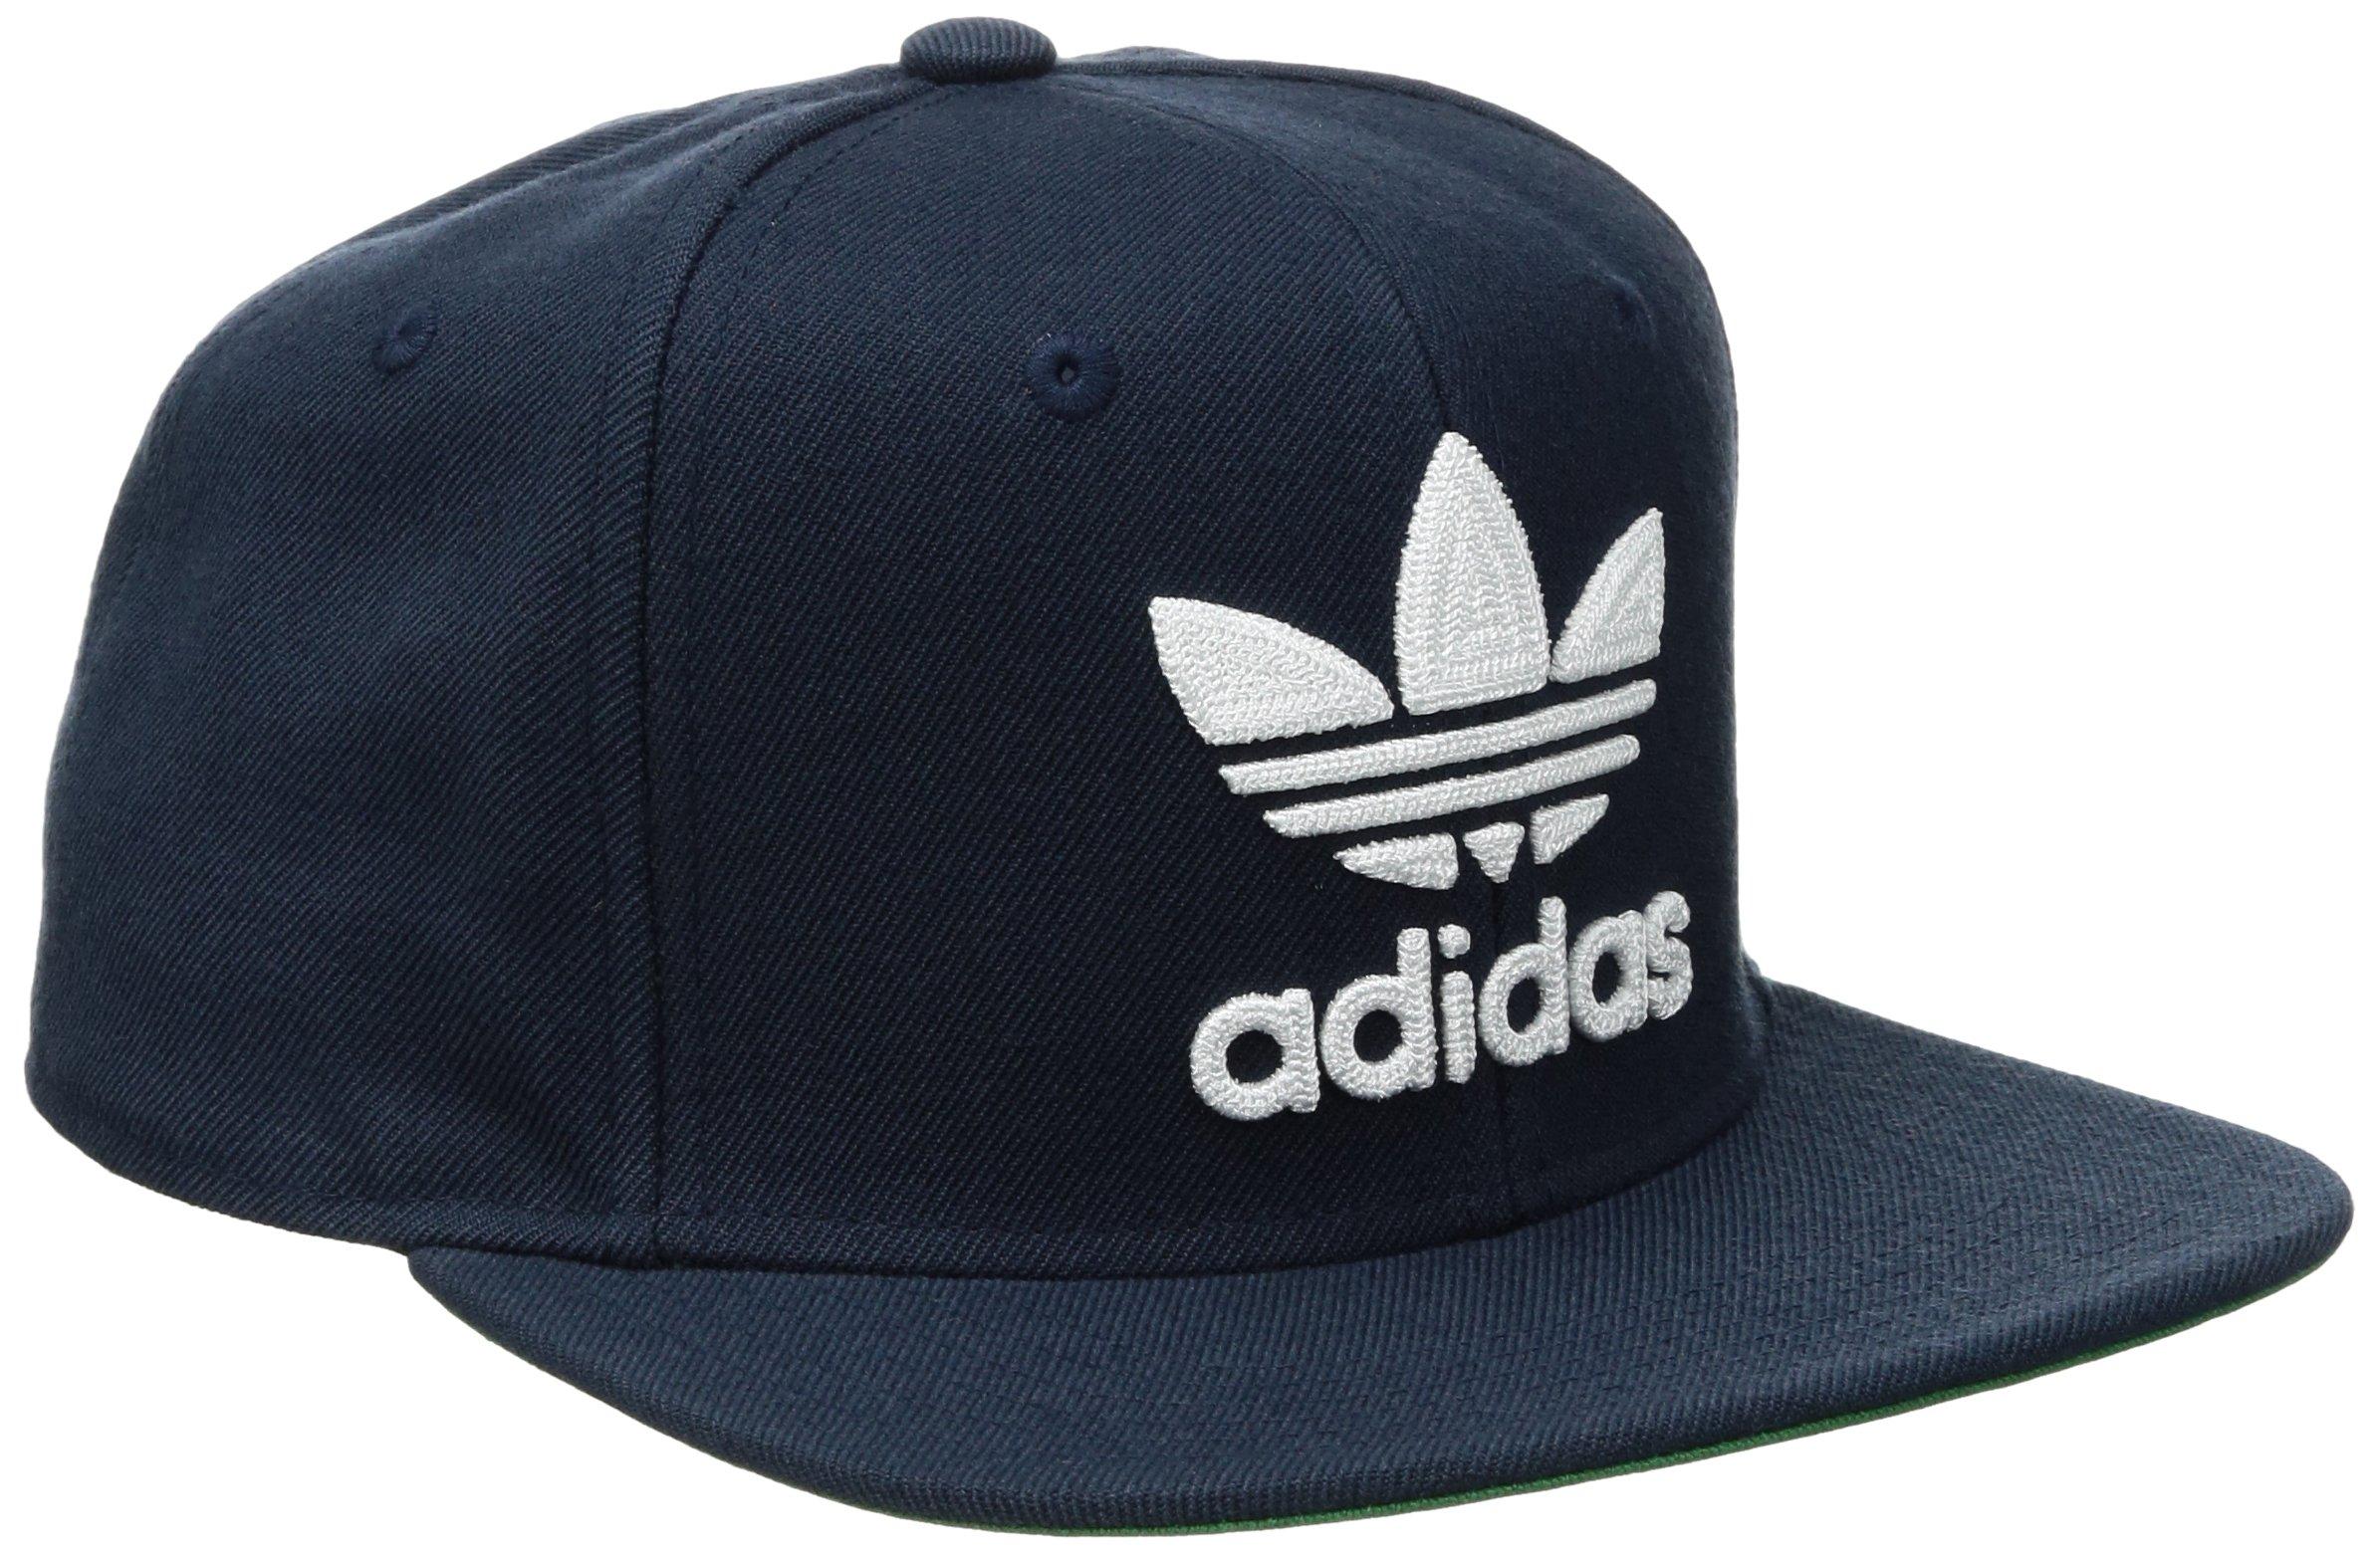 the latest 8f131 fa273 Galleon - Adidas Men s Originals Snapback Flatbrim Cap, Collegiate Navy,  One Size